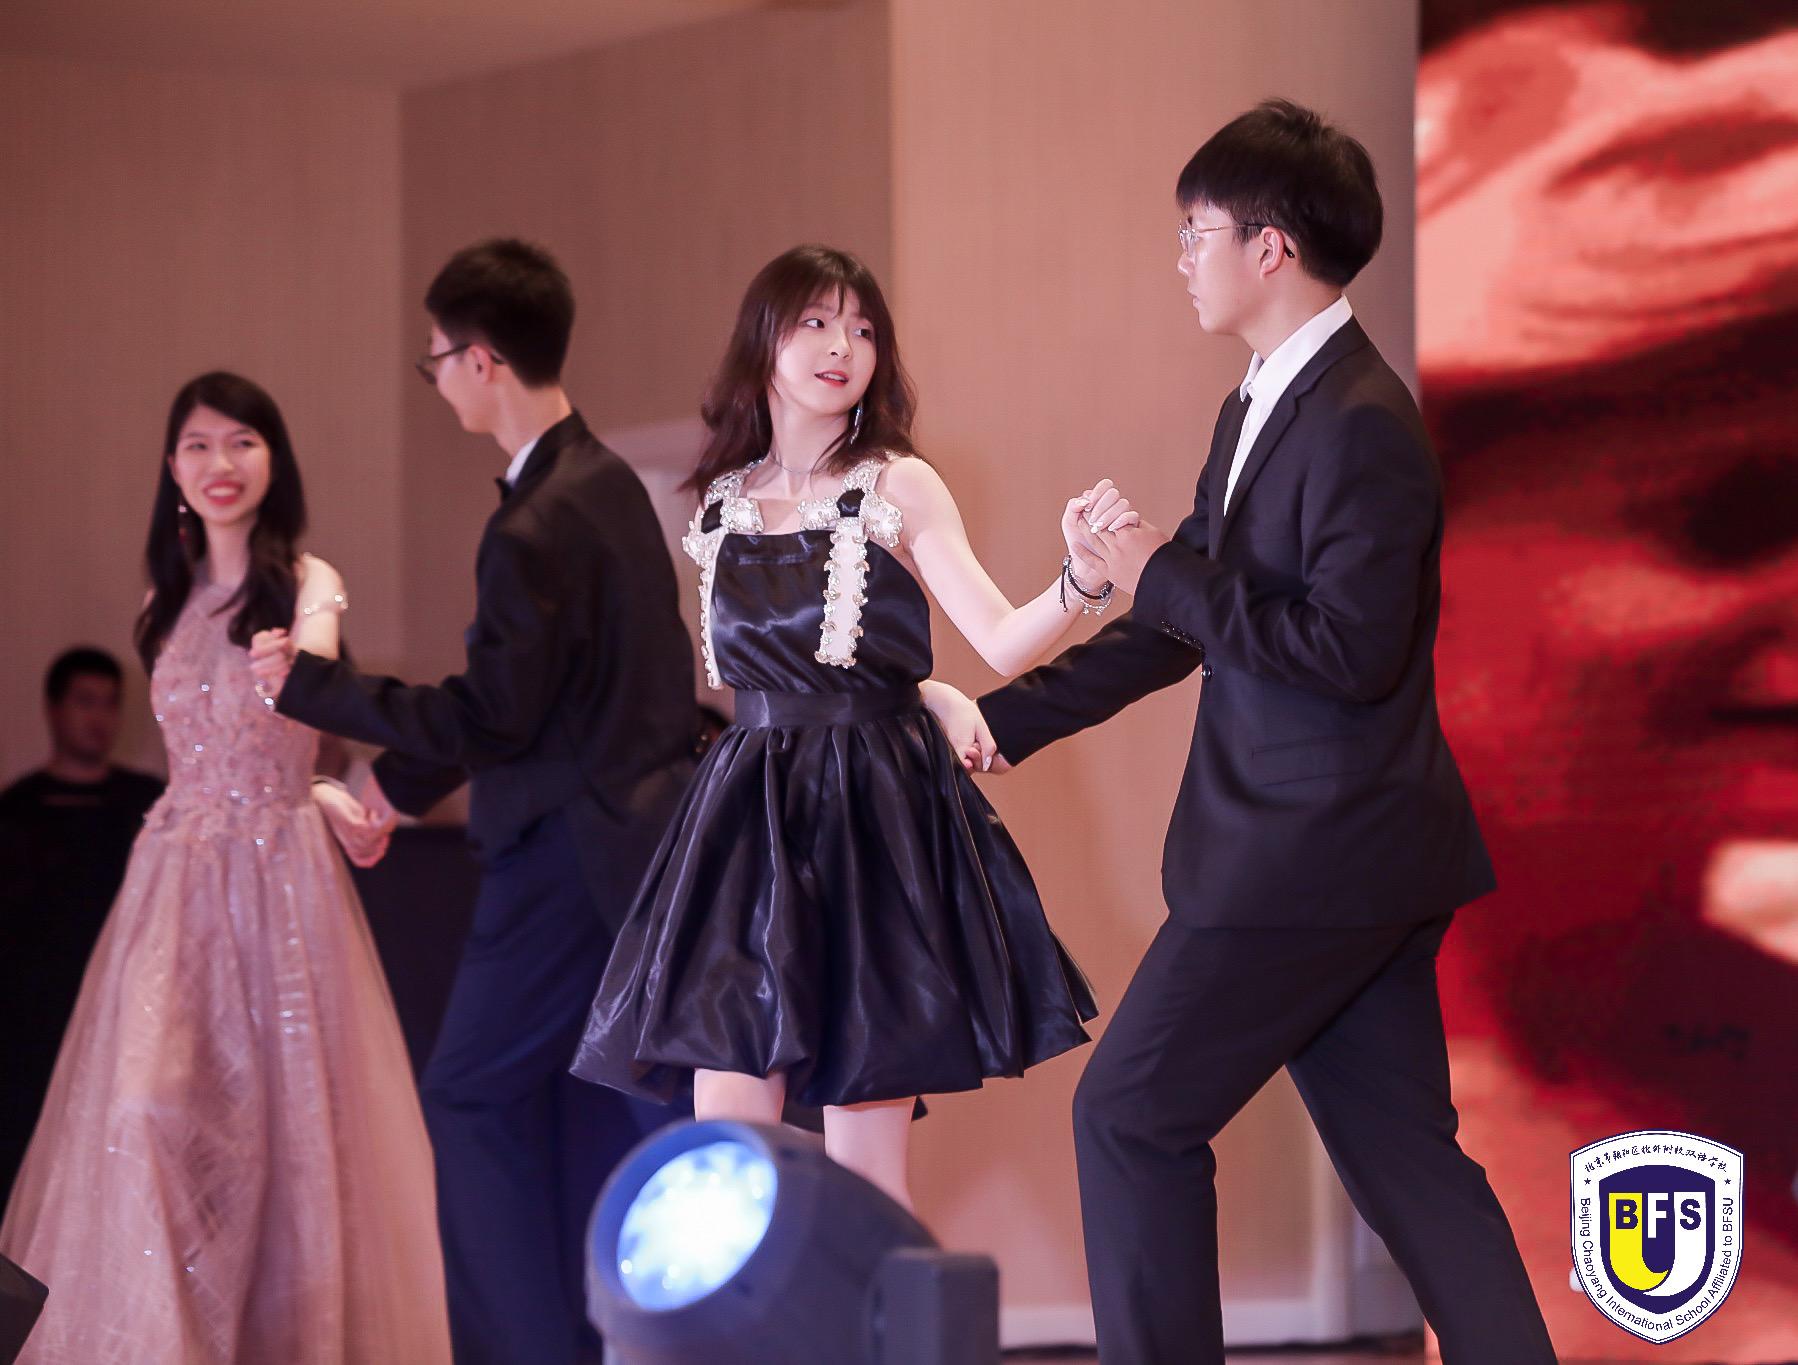 向未来再出发 | 用一场盛大的毕业舞会纪念青春,毕业快乐!